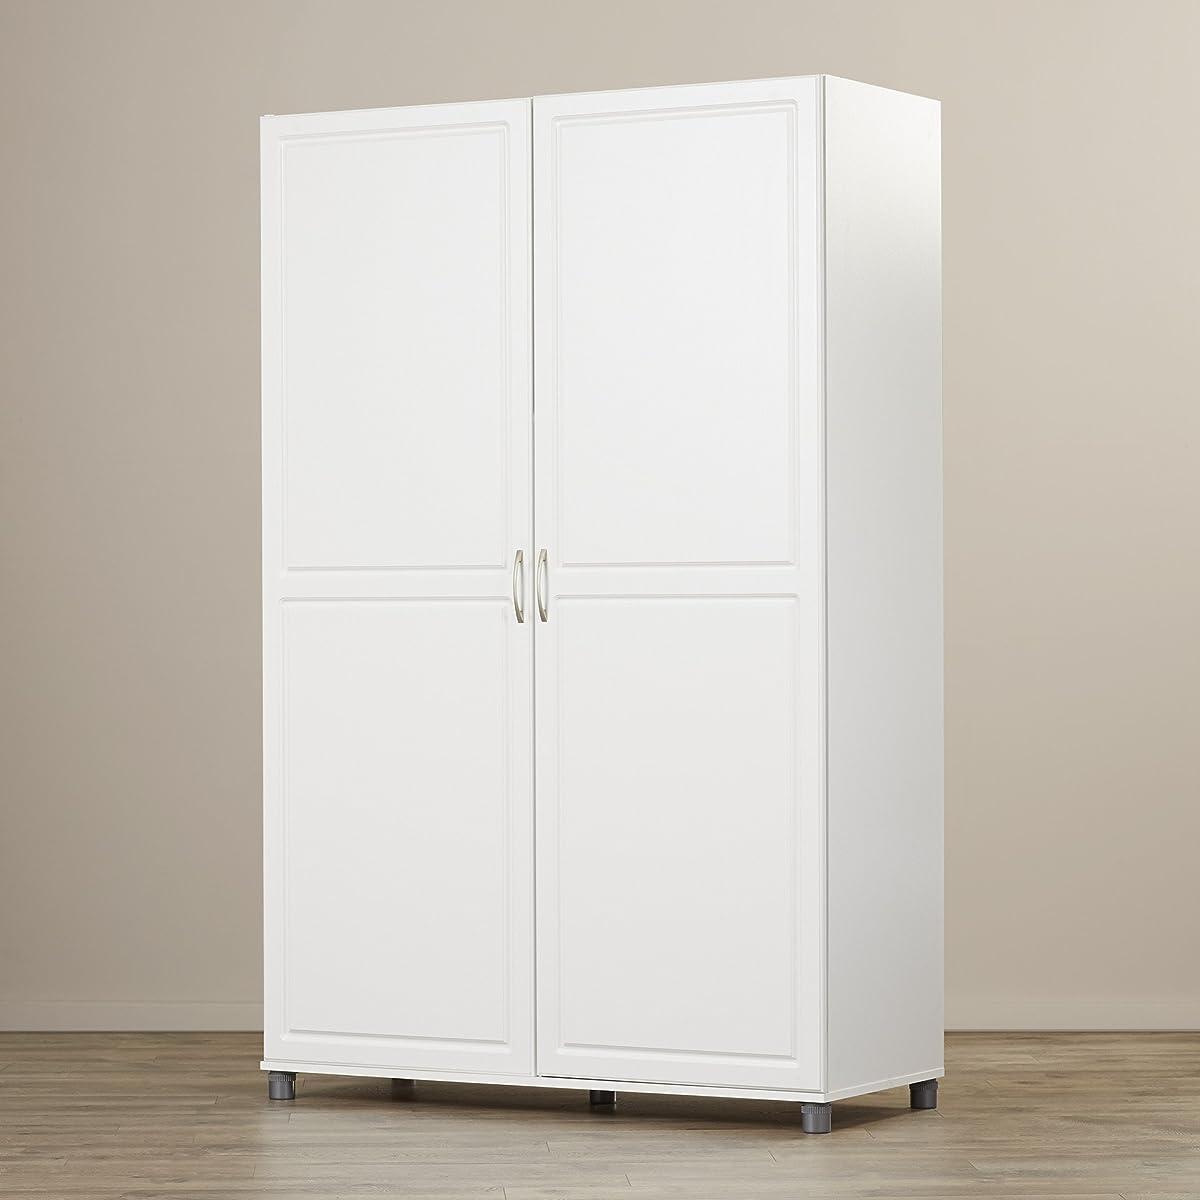 Solid Closet Storage Wardrobe Armoire Cabinet Bedroom